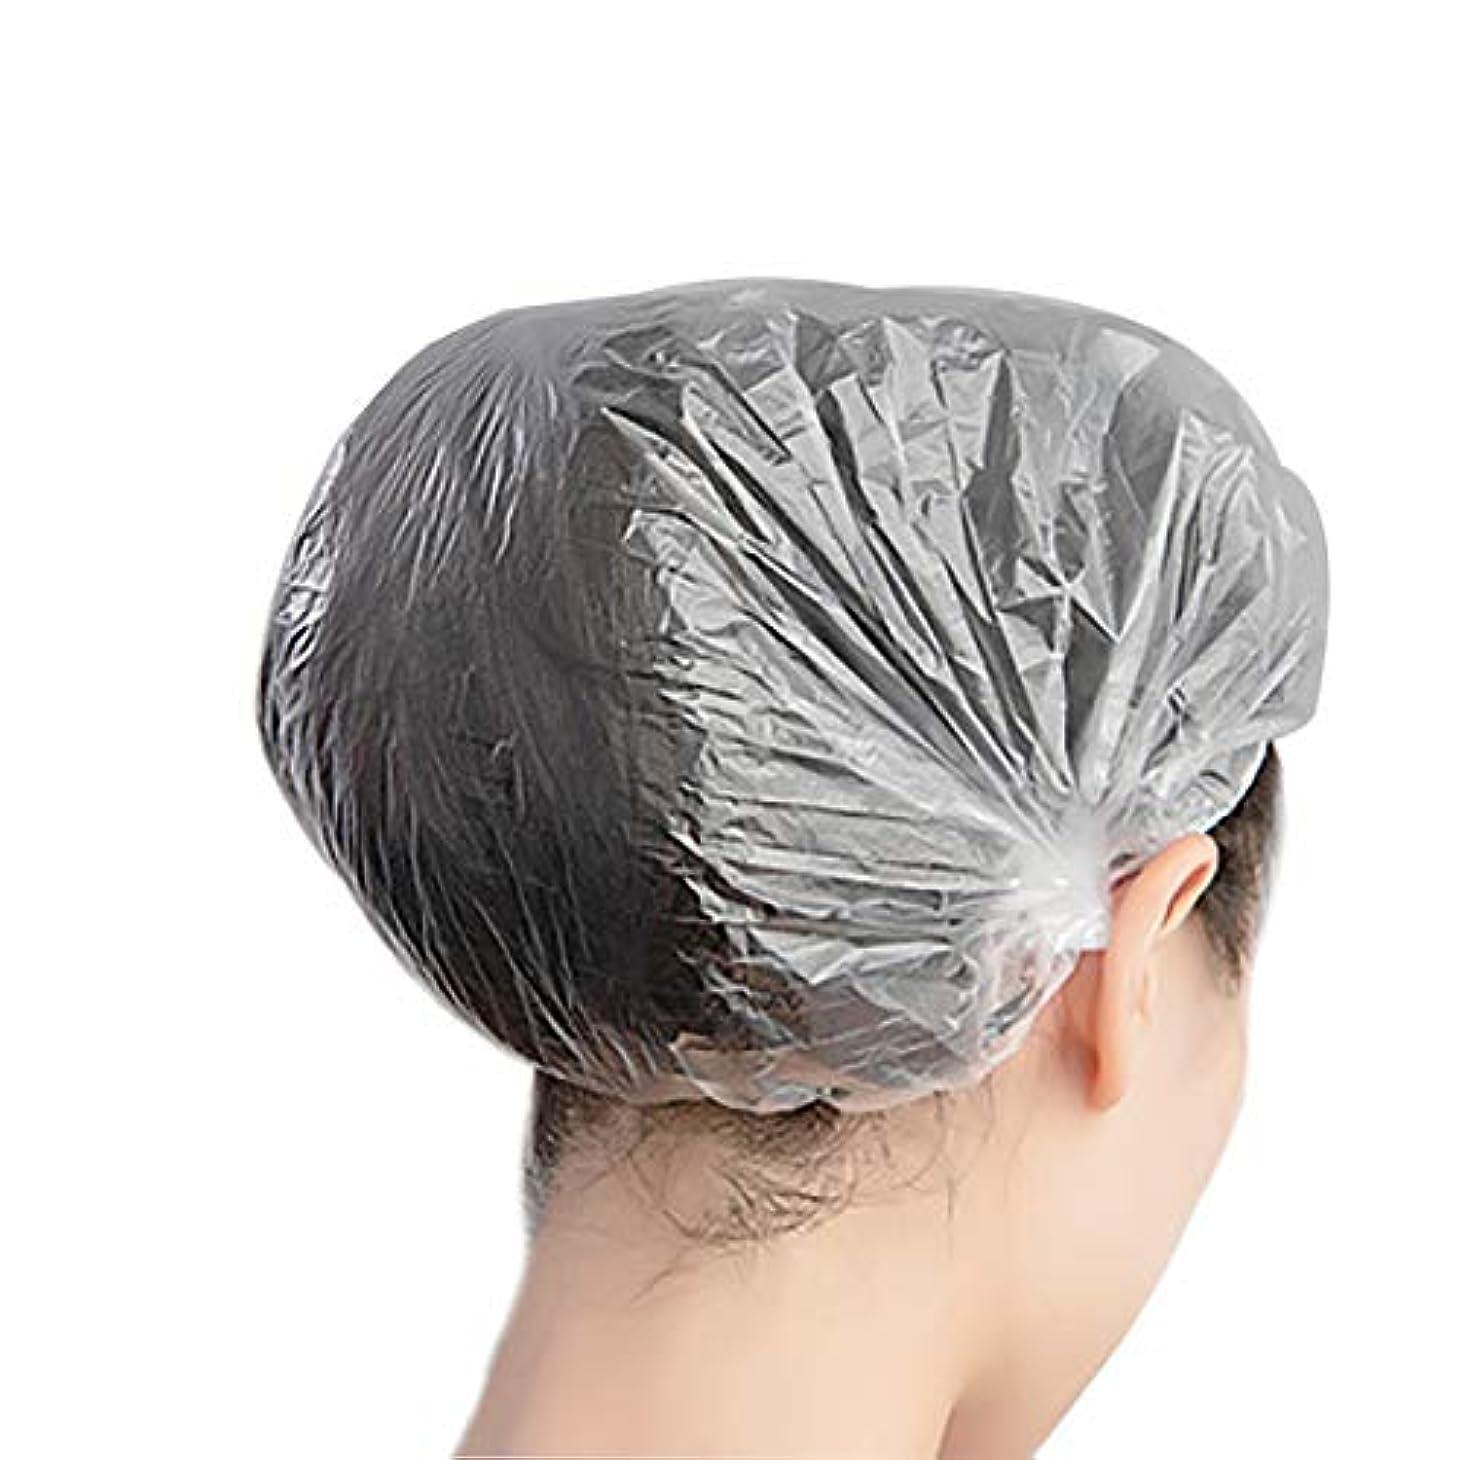 新しい意味予定療法Maltose 風呂使い捨て シャワーキャップ 使い捨て キャップ 200枚入り 個包装タイプ ヘアキャップ ヘアーキャップ ディスポキャップ ヘアカバー